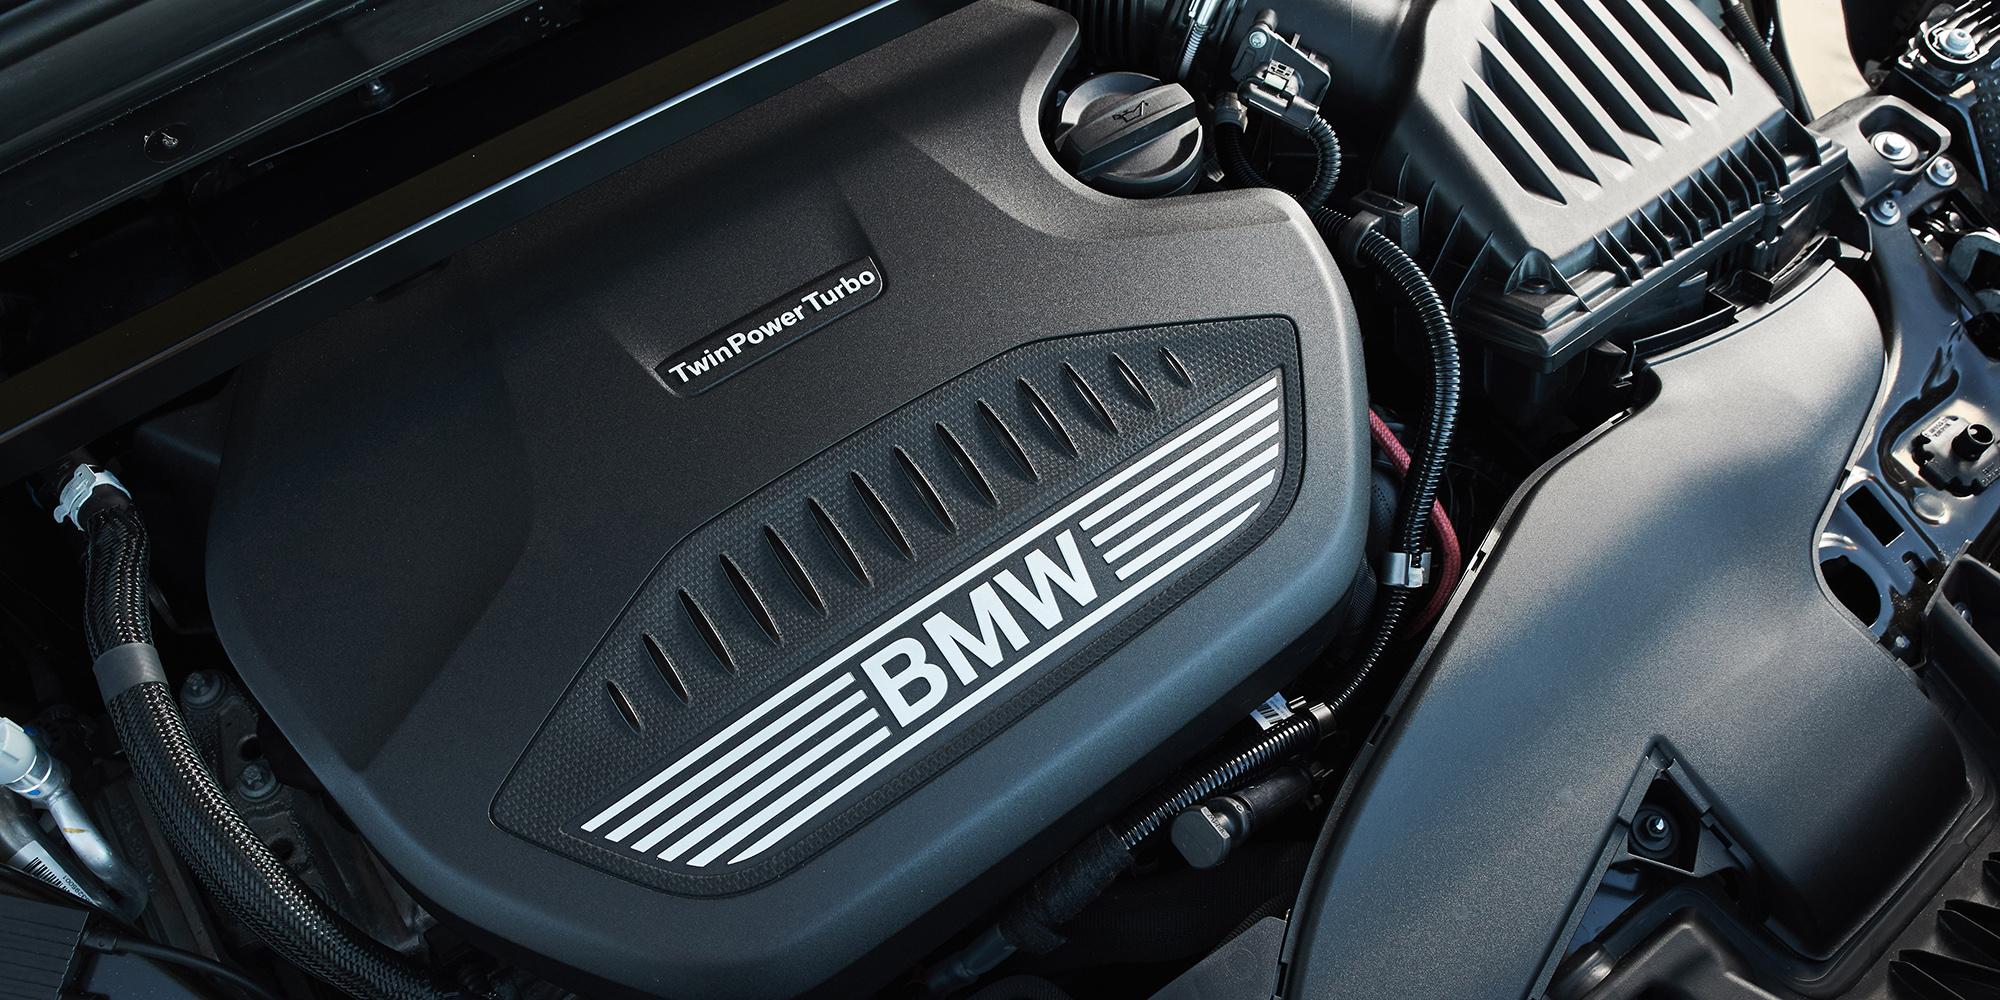 Между тем, xDrive20d станет единственным полноприводным вариантом в локальном диапазоне, работающим на 2,0-литровом турбодизеле мощностью 190 л.с./400 Нм. Дизель помогает разогнать sDrive20i от 0 до 100 км/ч за7,7 секунд.